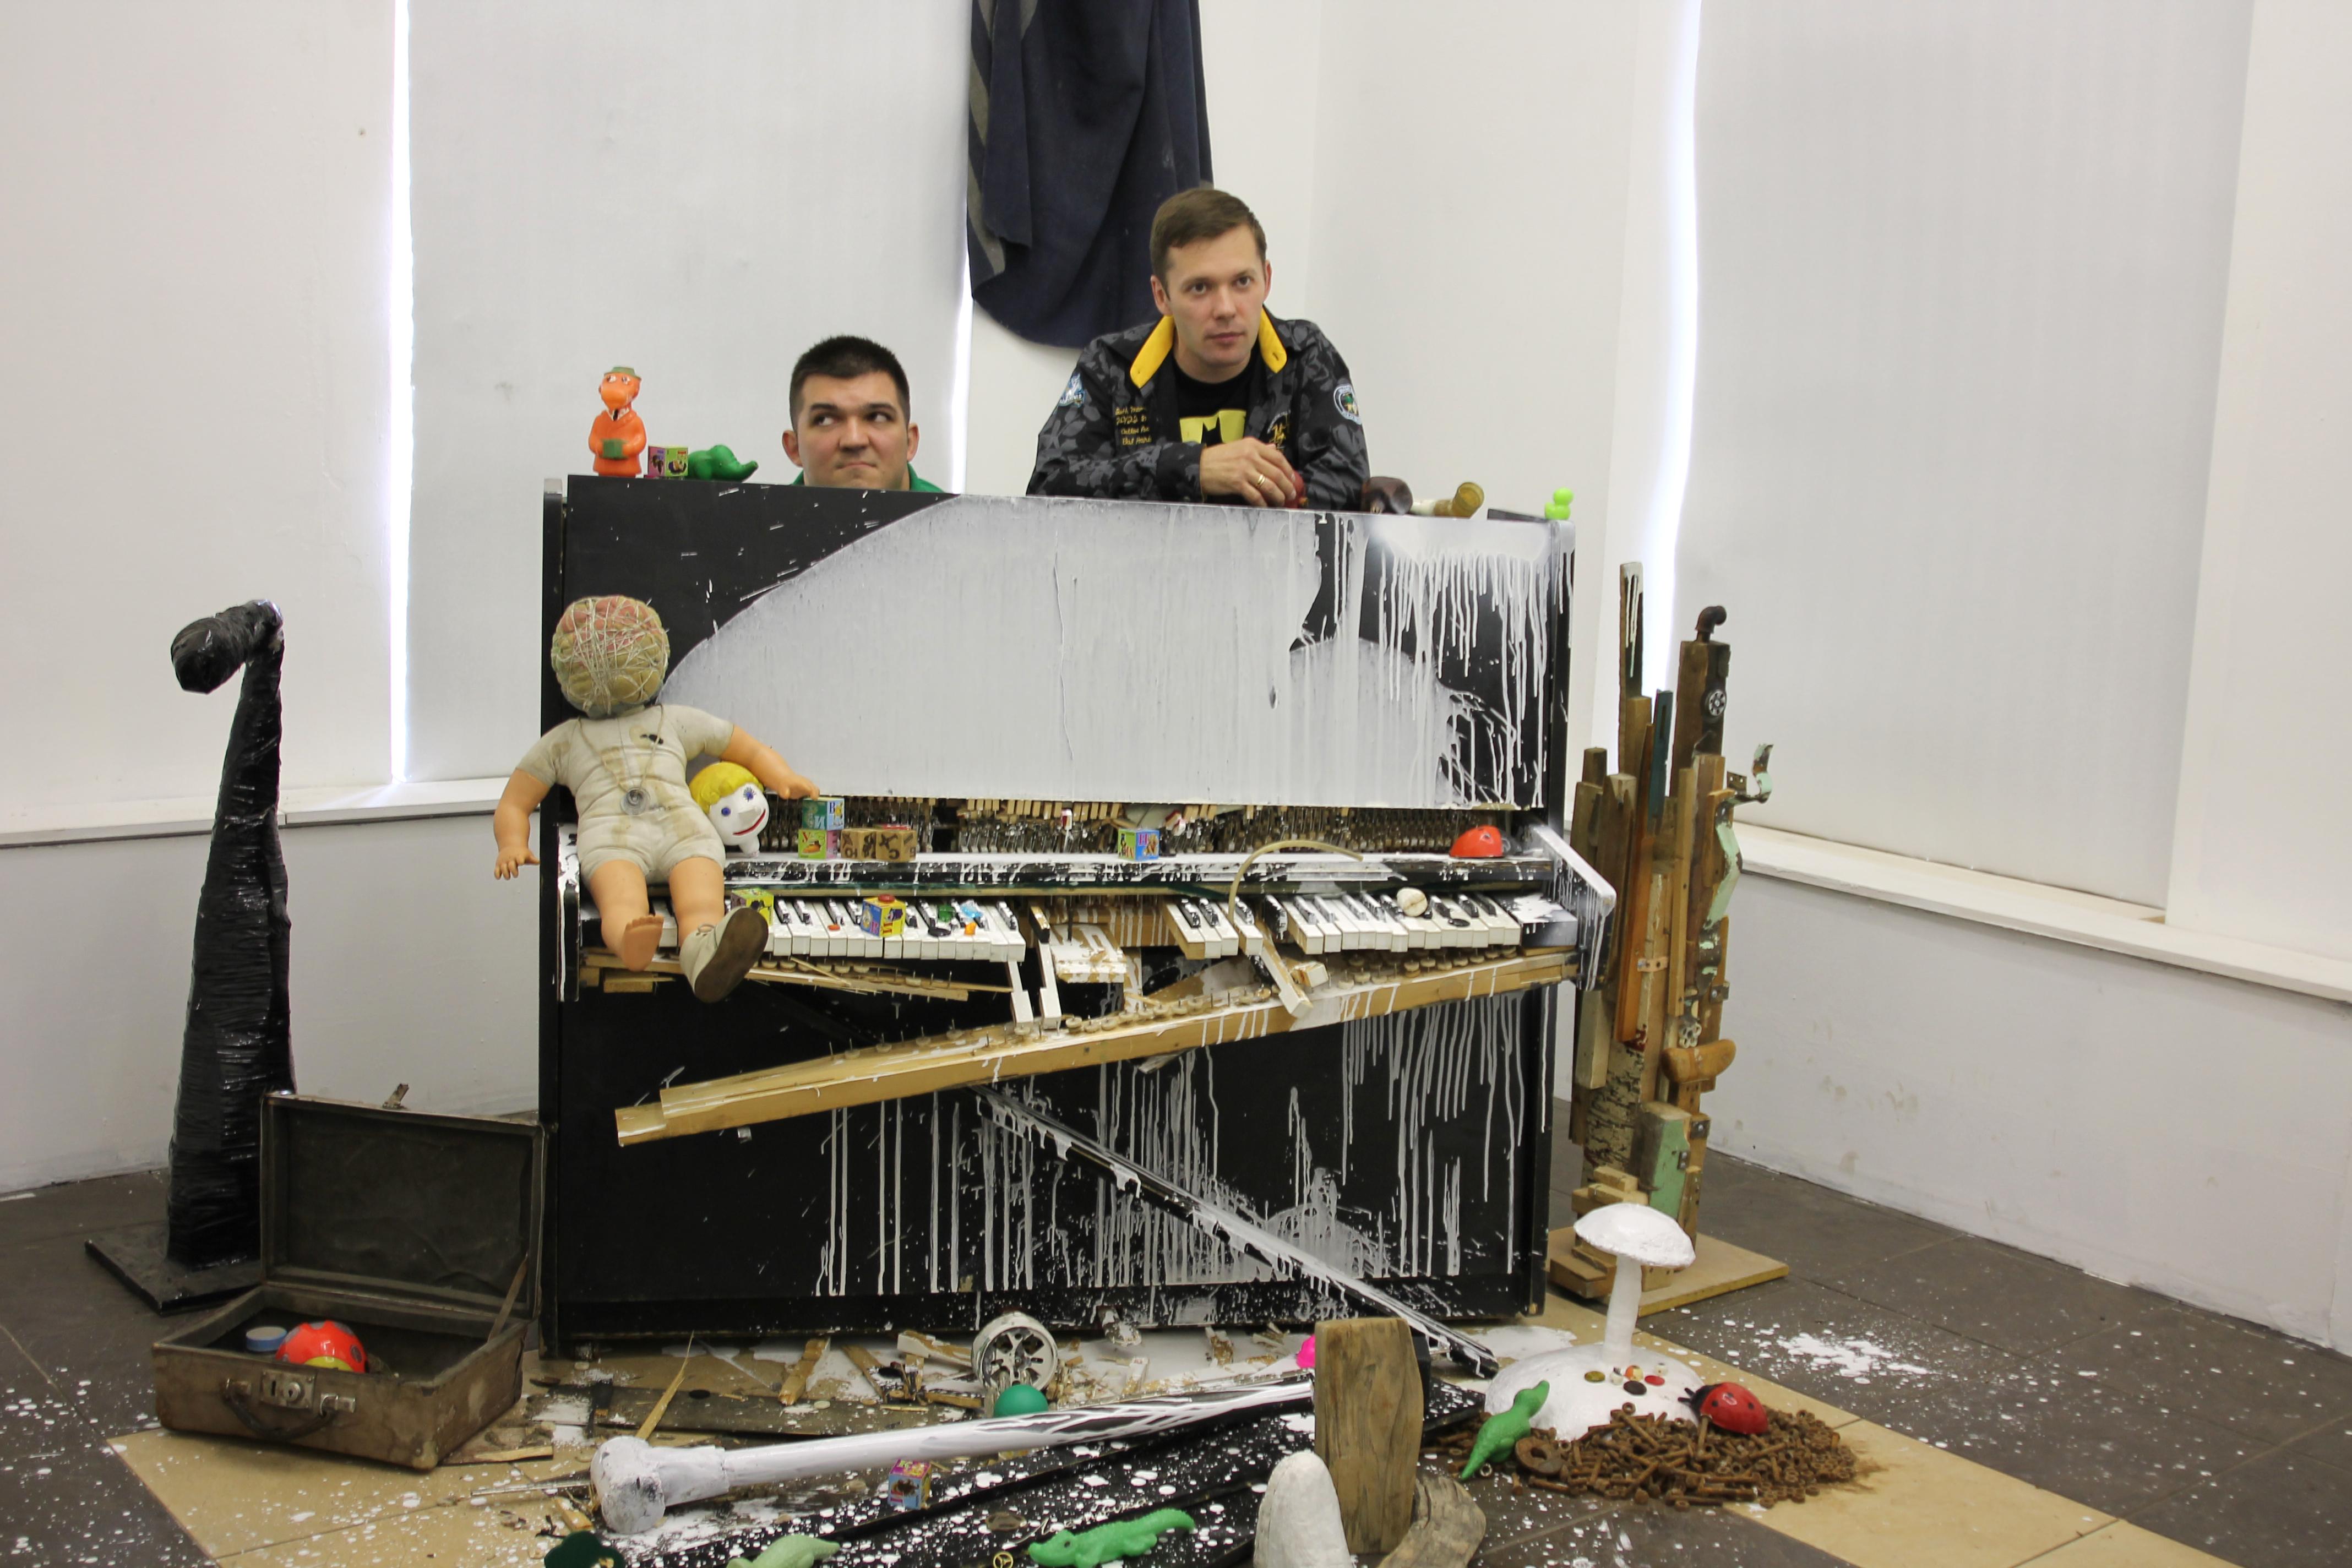 Художники Иван Горшков (слева) и Серегй Бруданин (справа)